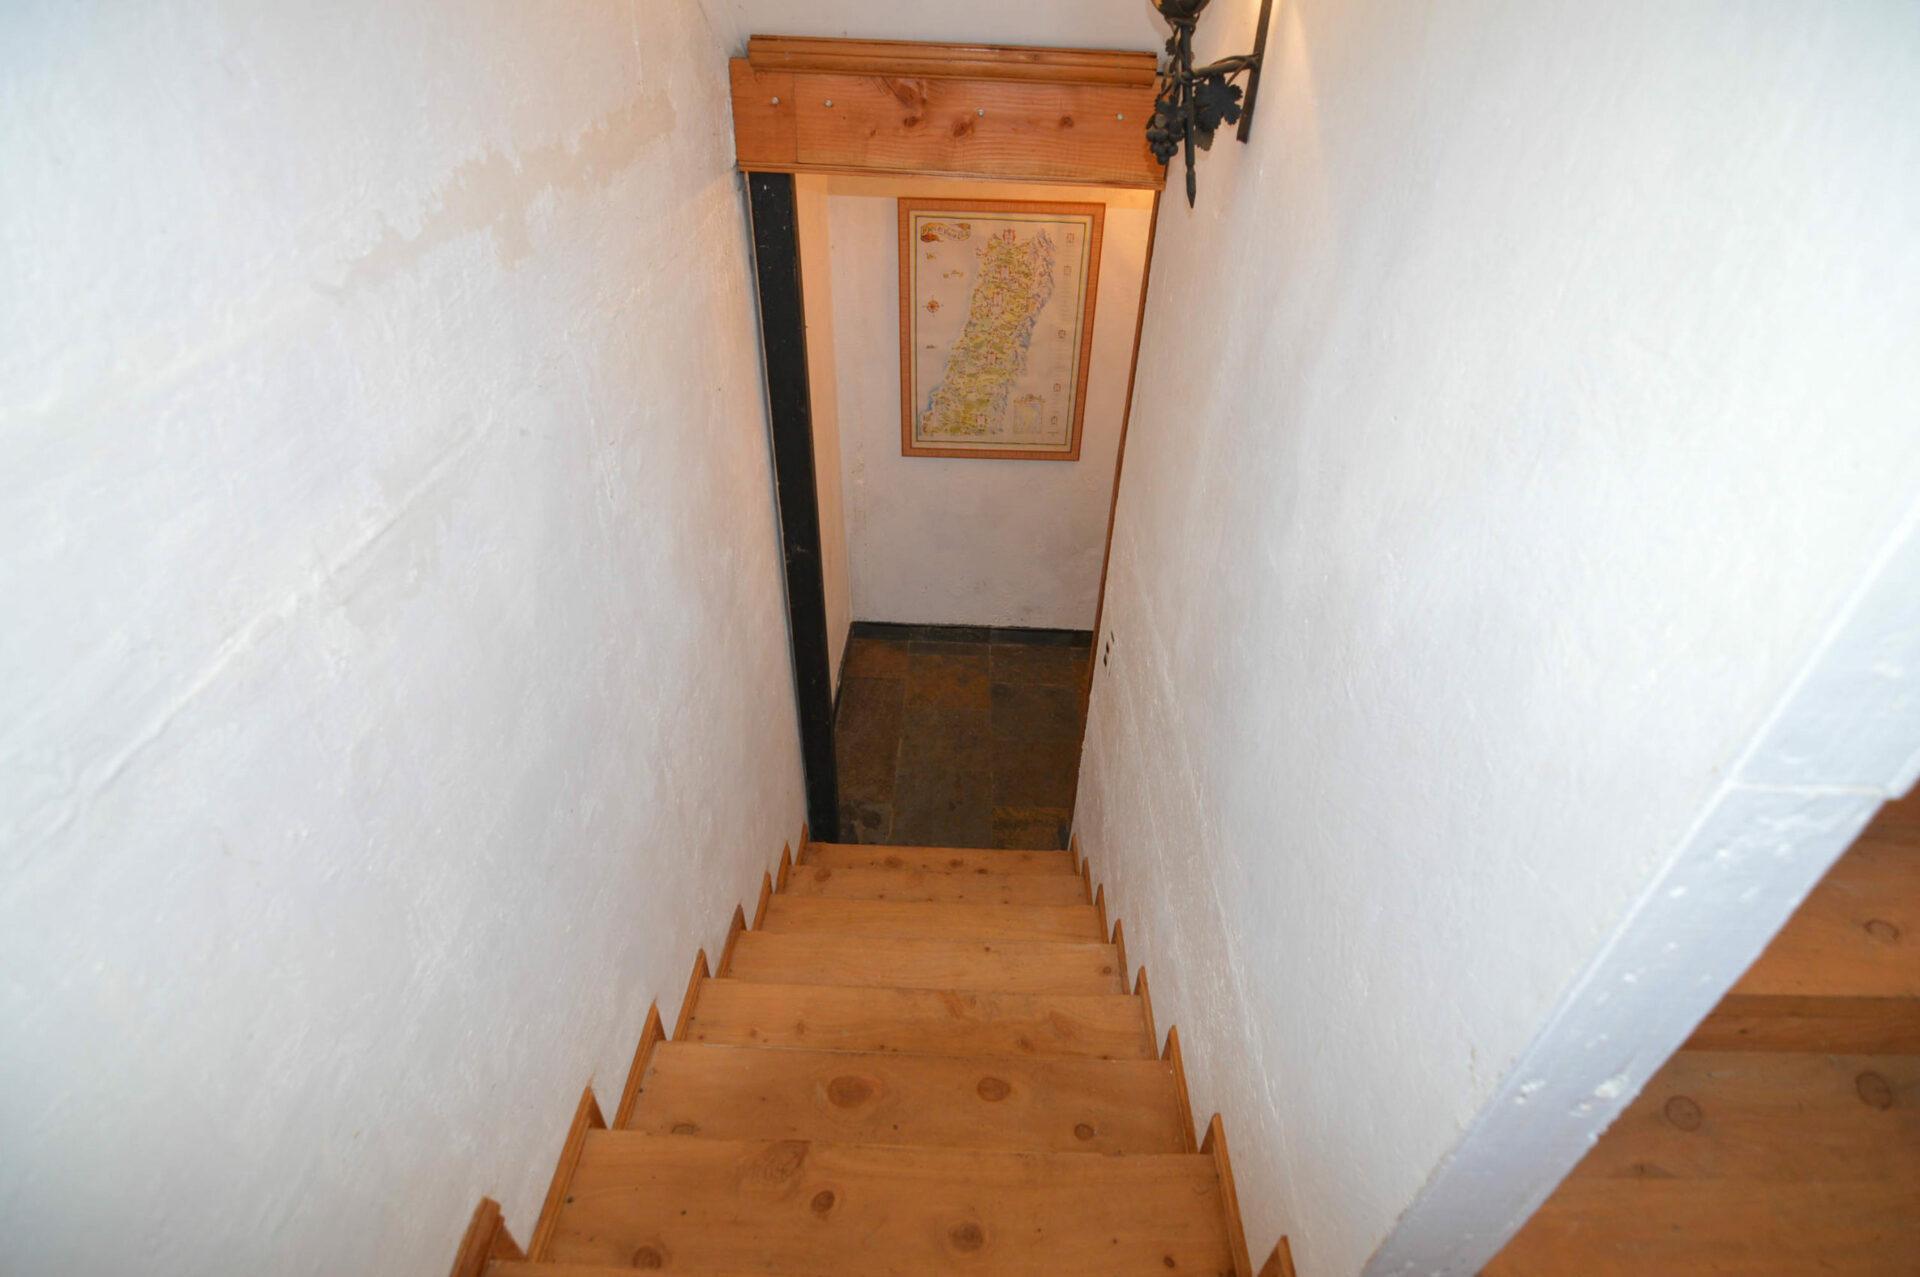 Los Riscos, 20.100 m2